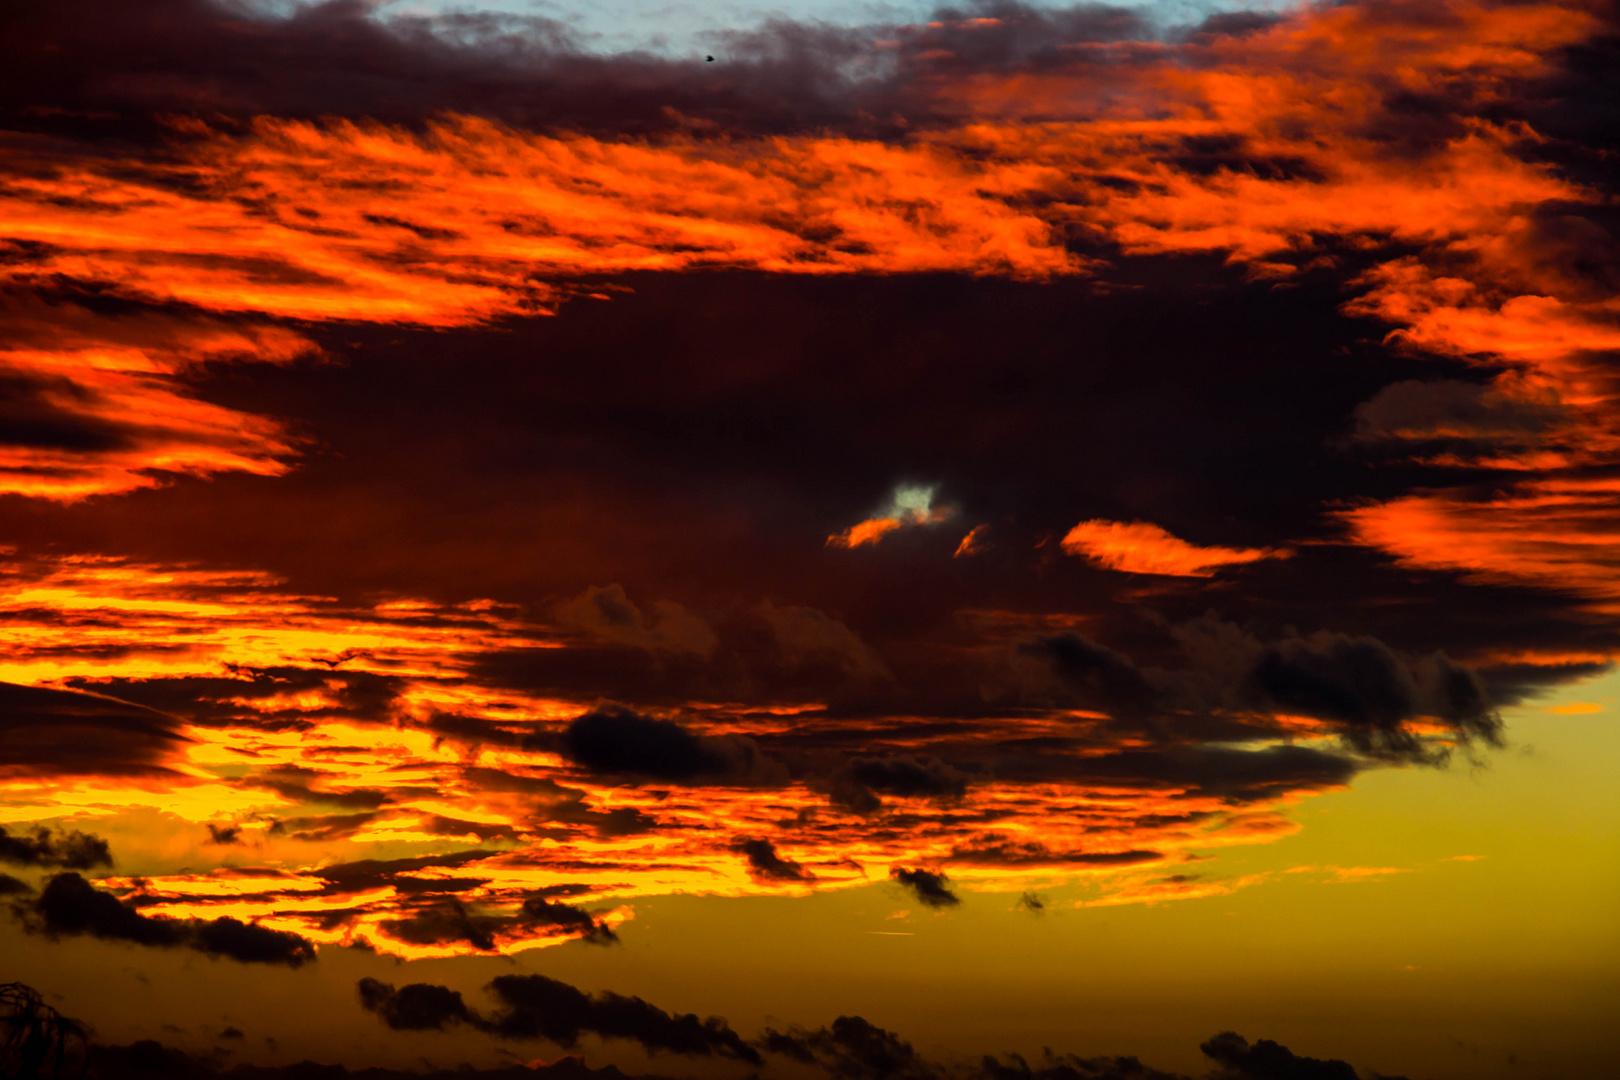 Sonnenuntergang in Hattersheim